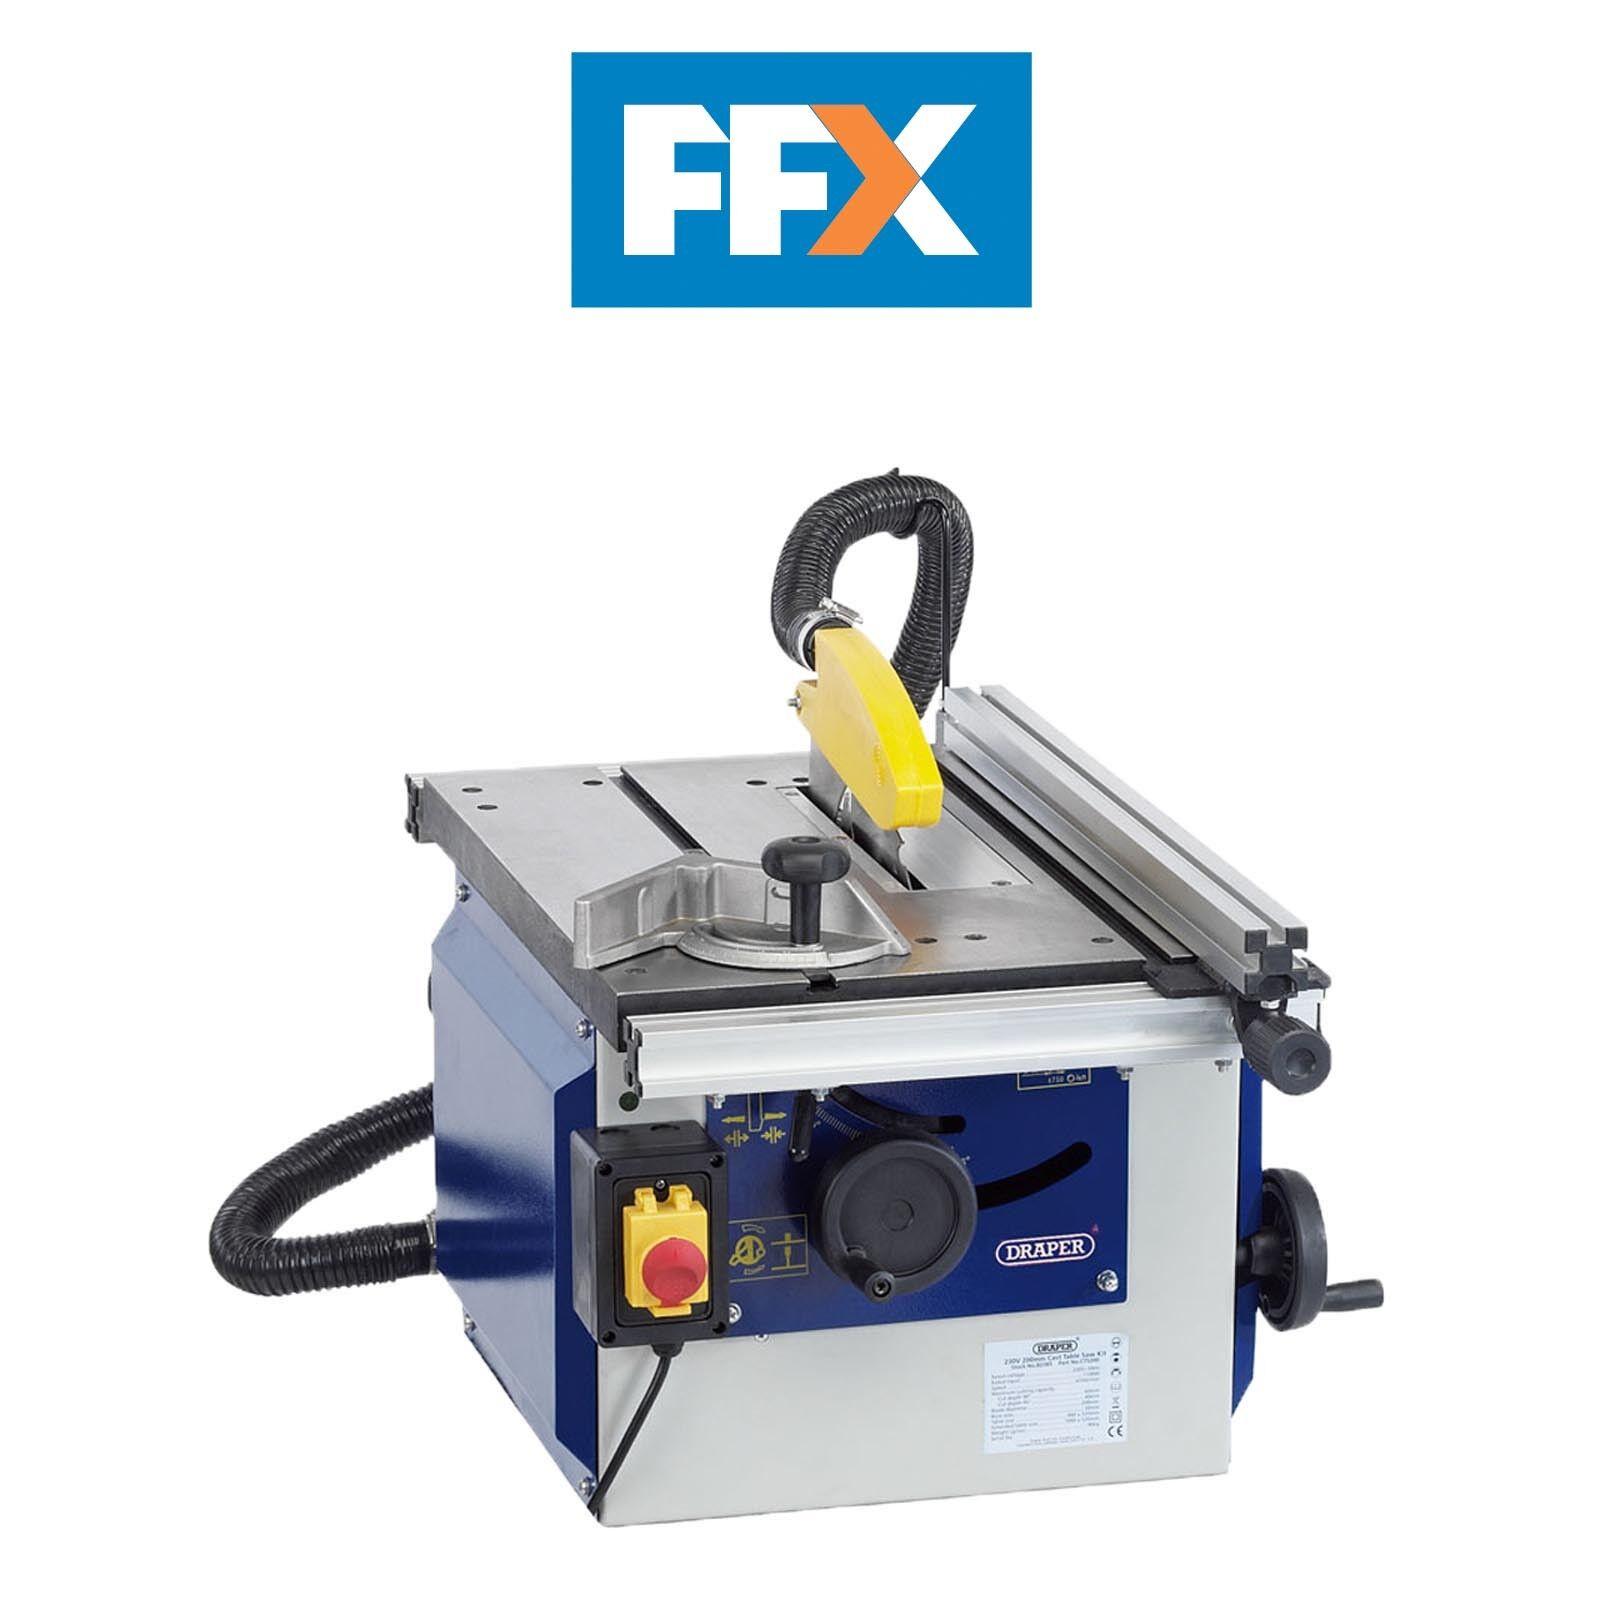 Draper 82108 230v 200mm 4700r/min Cast Iron Table Saw 1100W